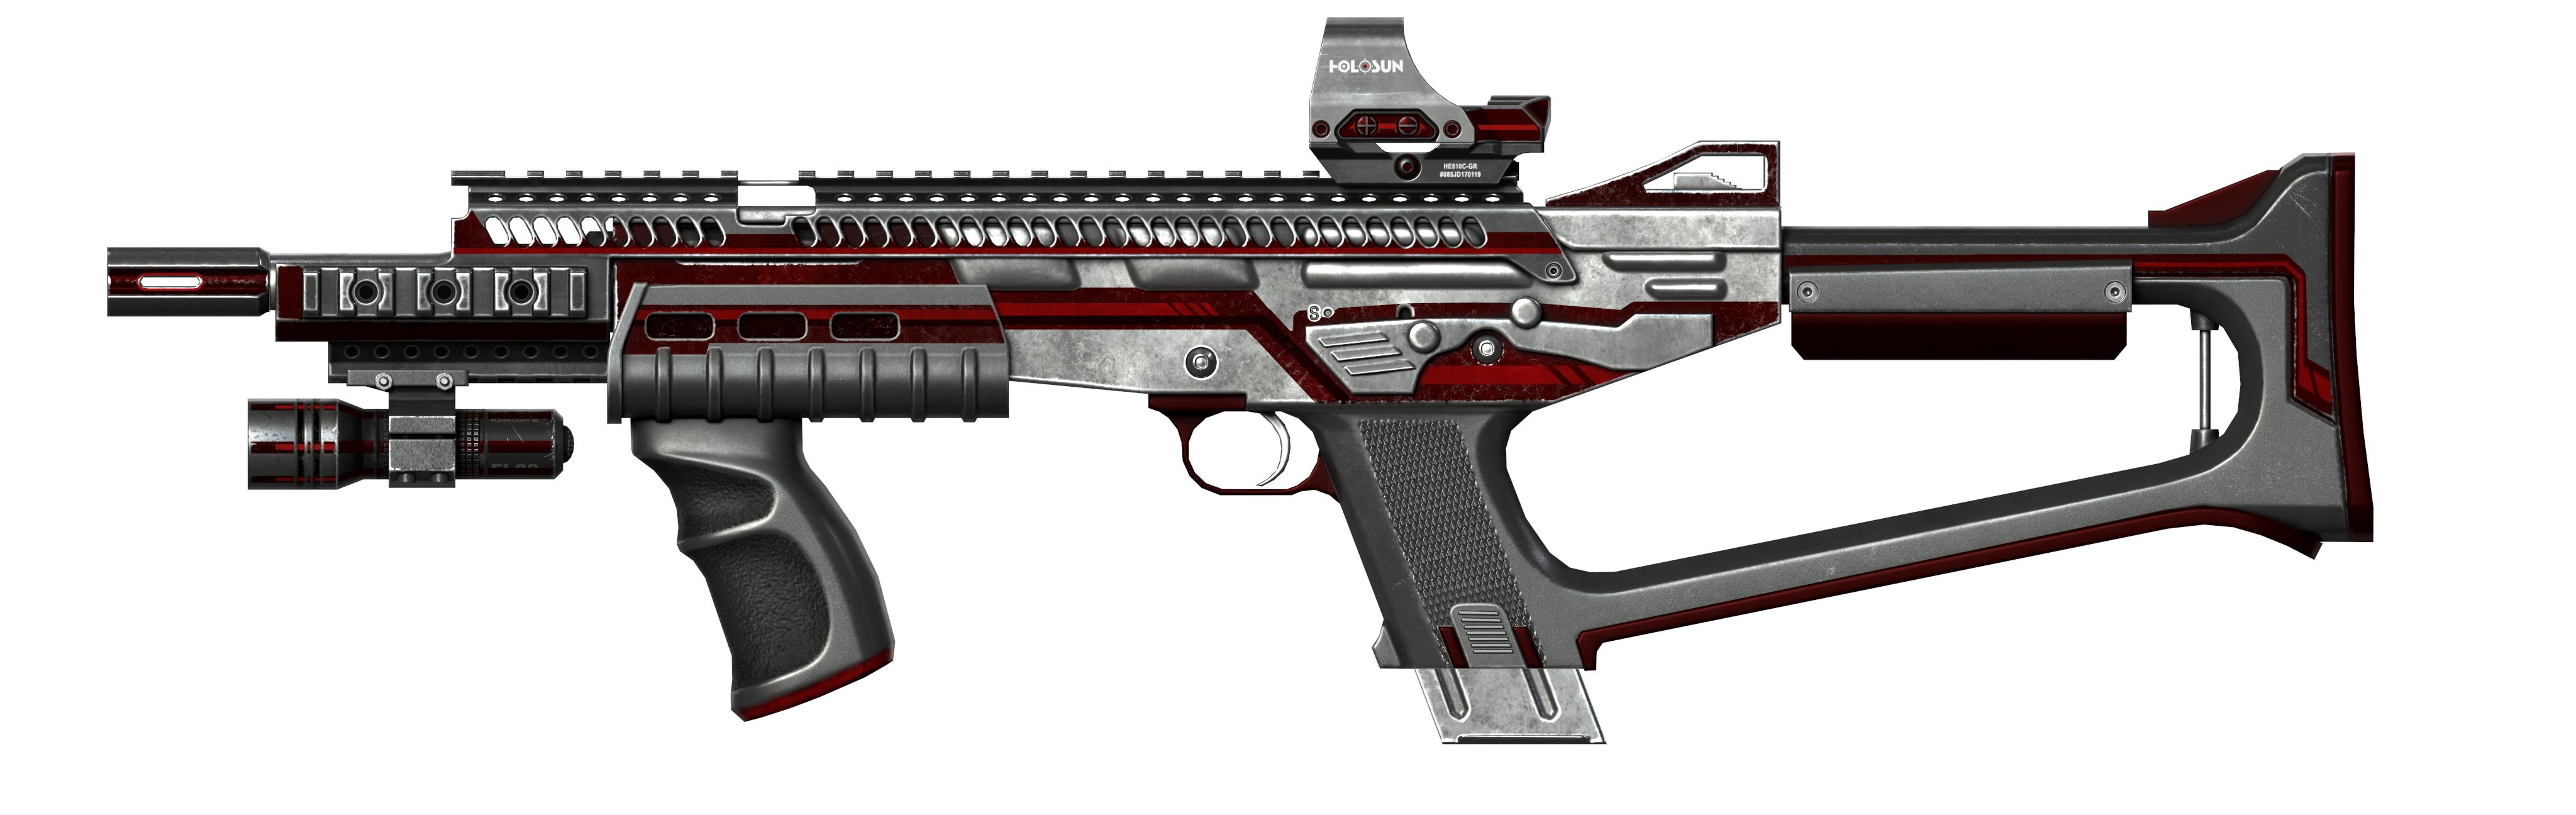 MAG-7 Venom